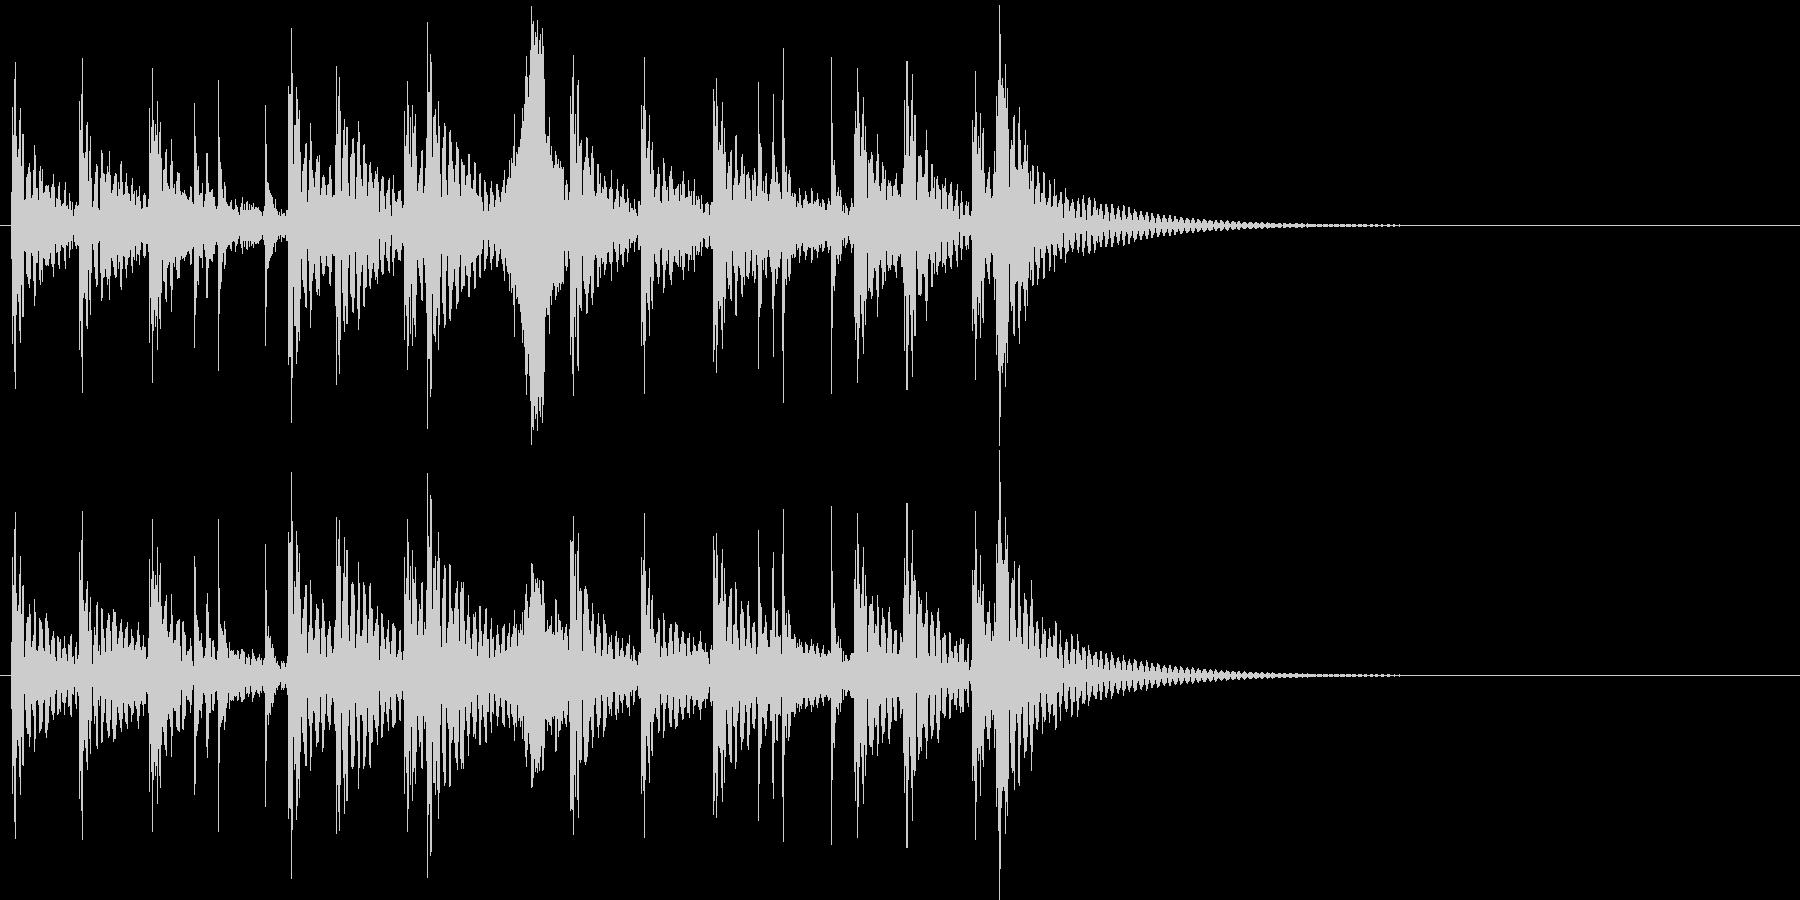 祭り太鼓の定番リズム+掛け声(低音)の未再生の波形